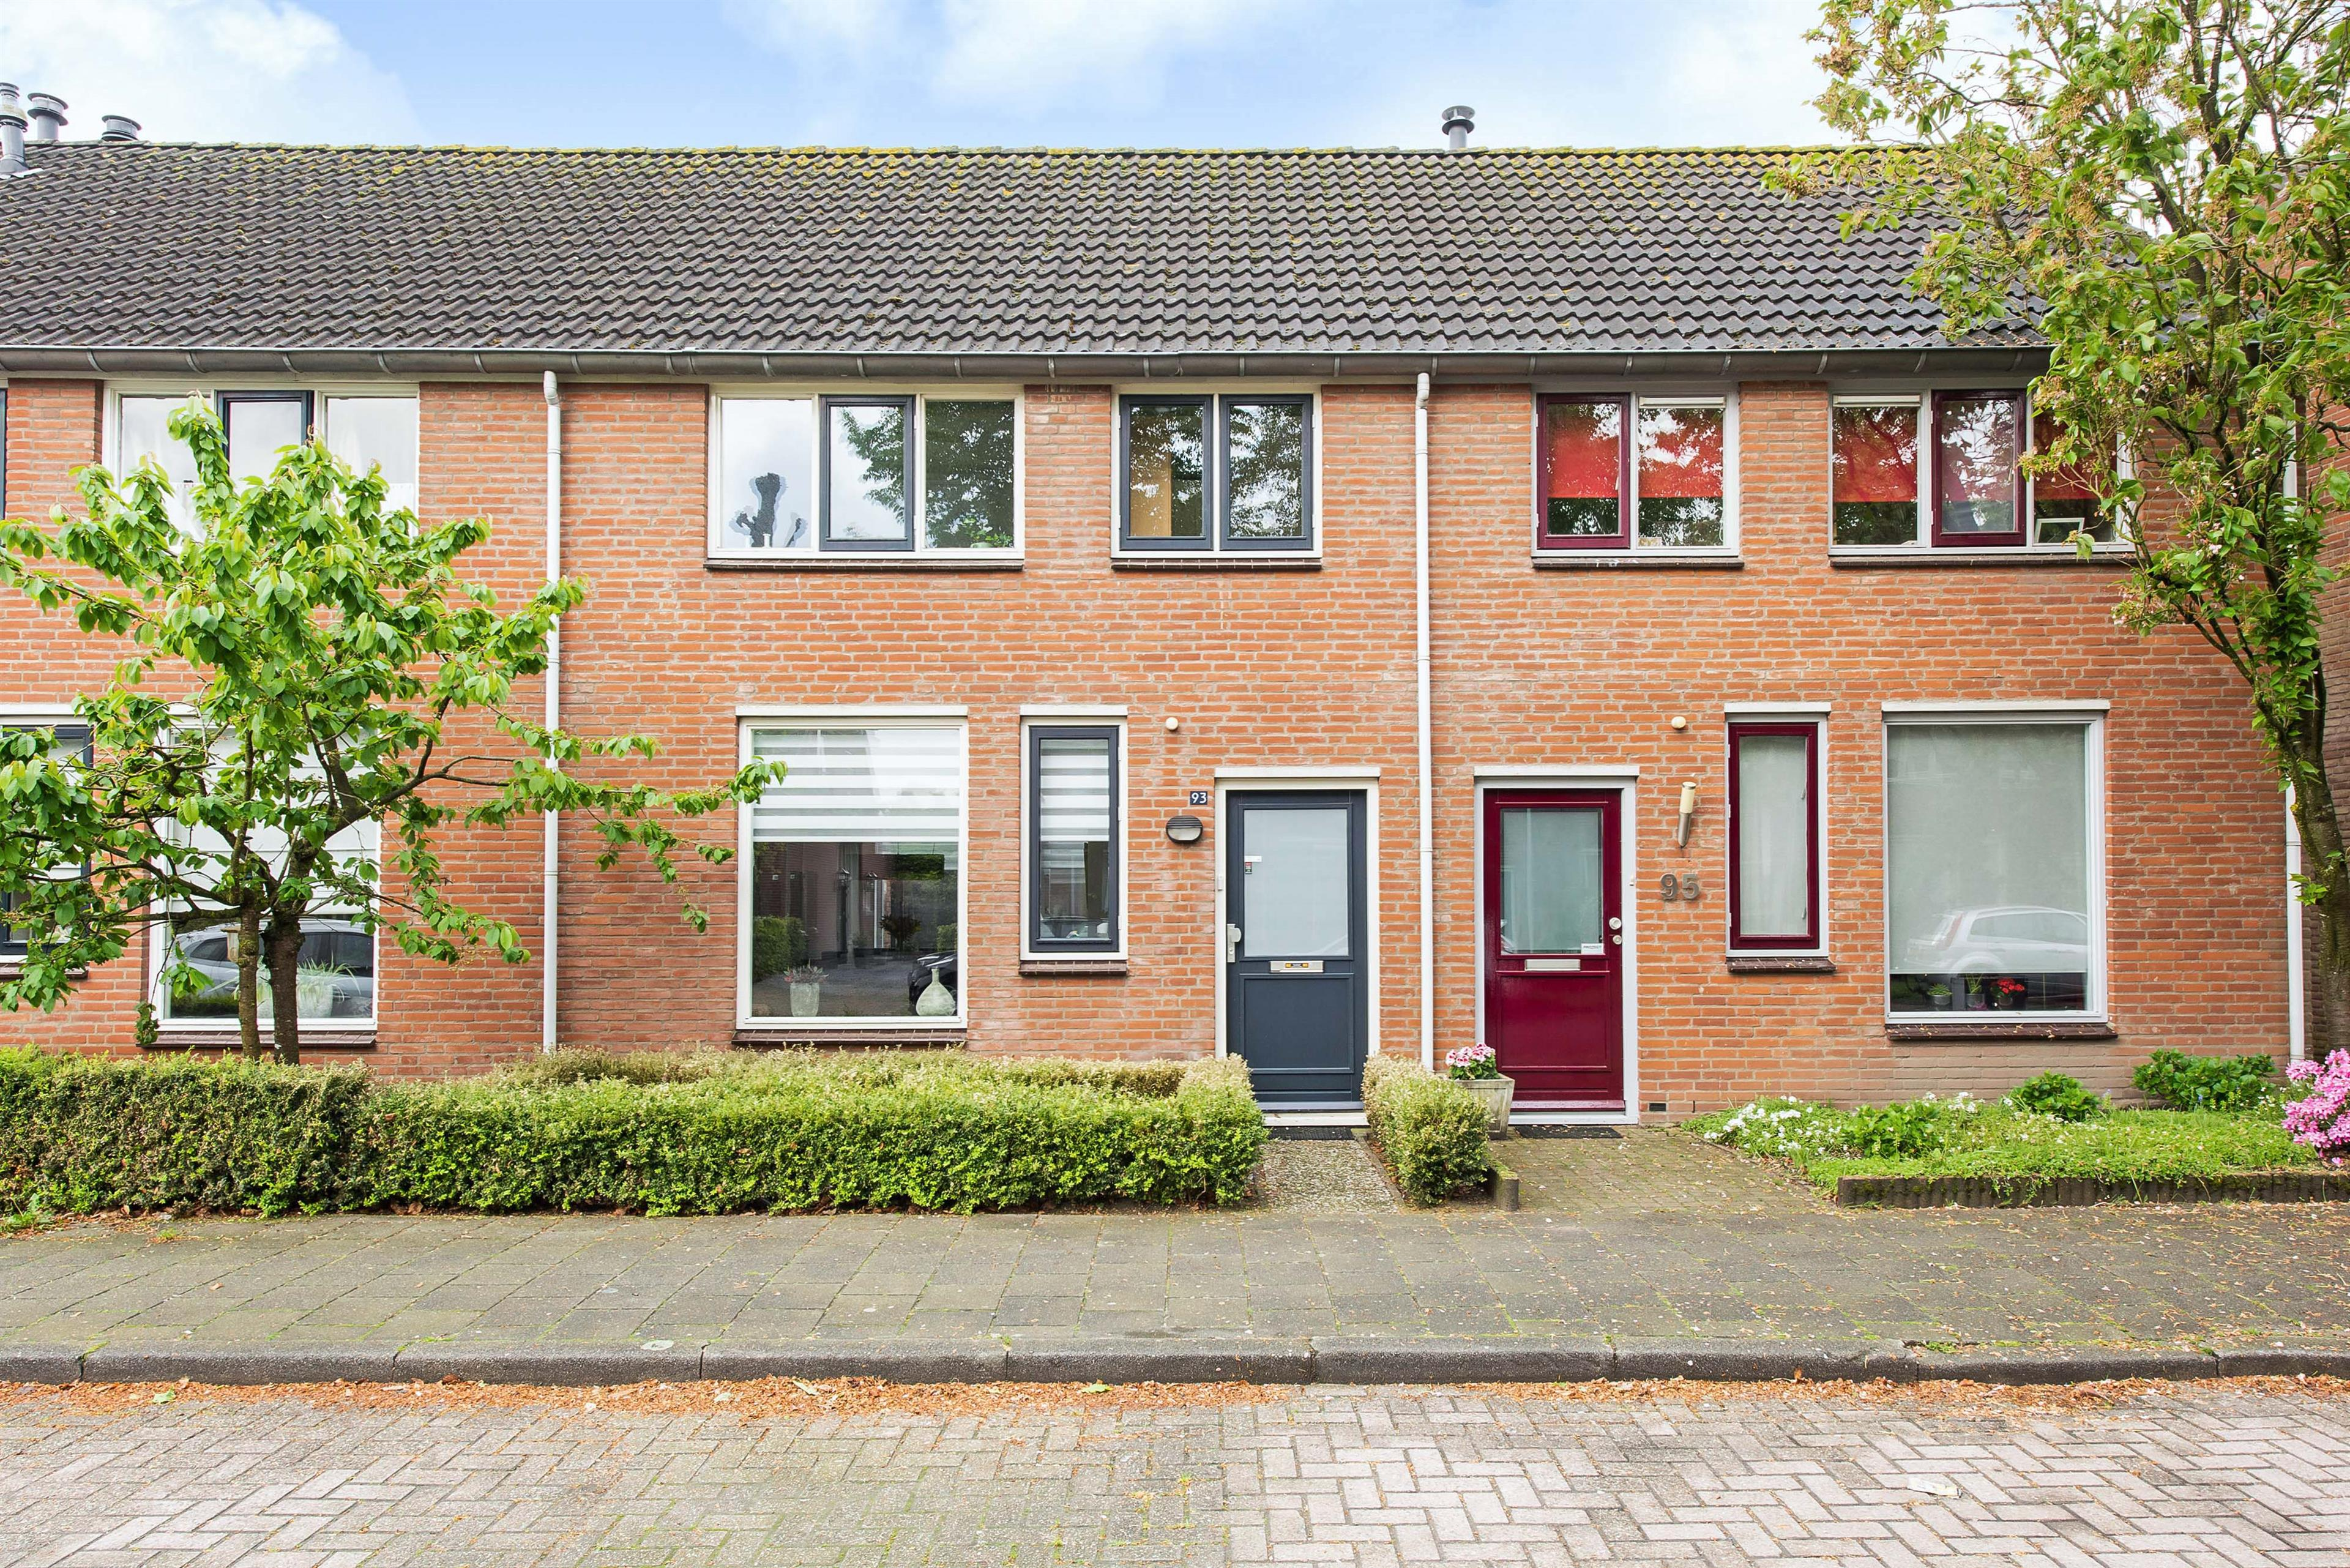 https://hendriks.nl/woningfotos/4/3/7/8/3840/43787323_Langvennen-Oist-93-Oisterwijk-1.JPG